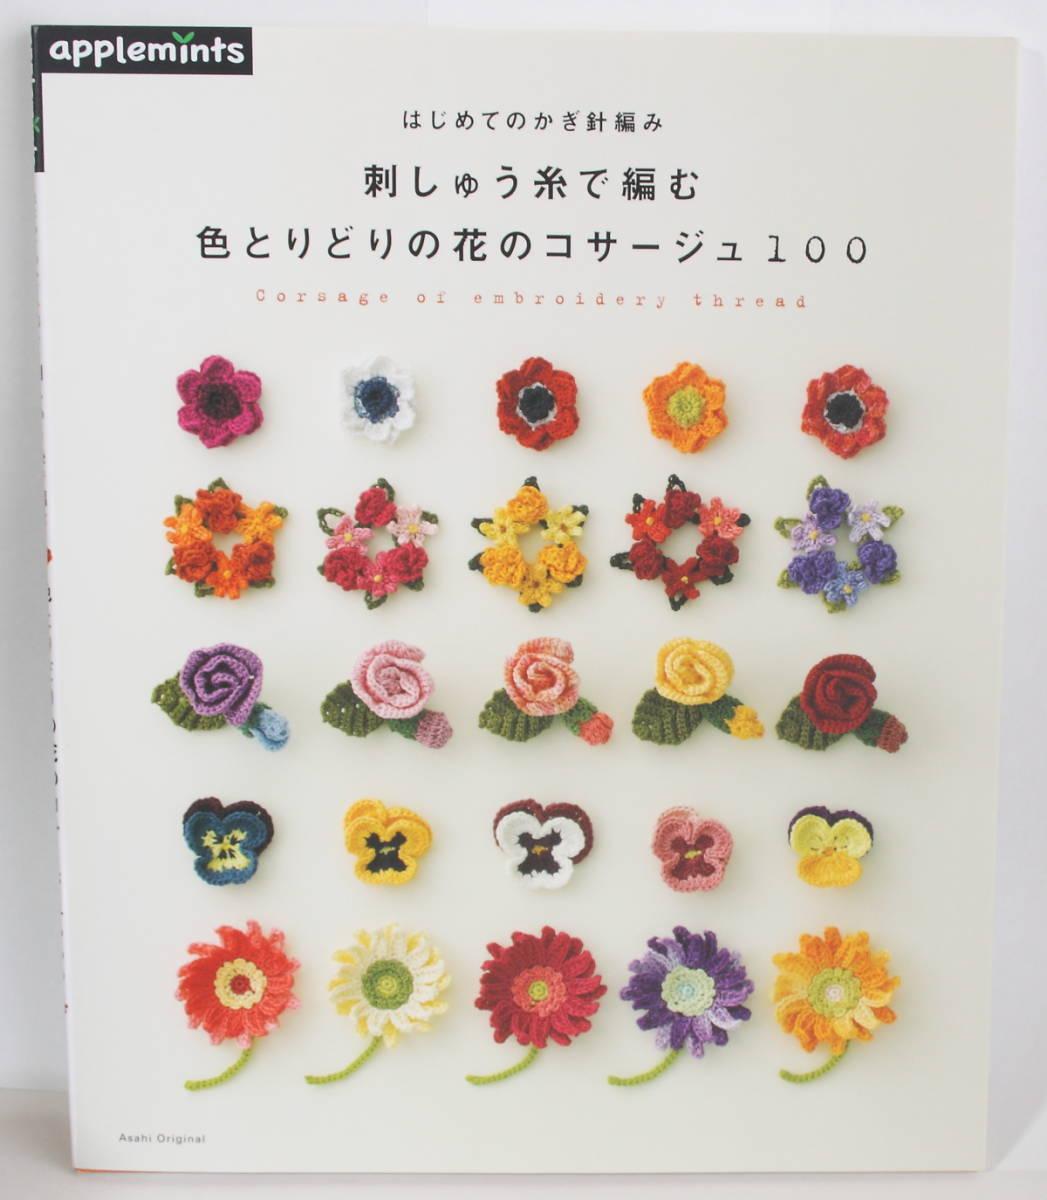 新品同様●刺しゅう糸で編む 色とりどりの花のコサージュ100 はじめてのかぎ針編み 手芸本 アップルミンツ 美品 _画像2